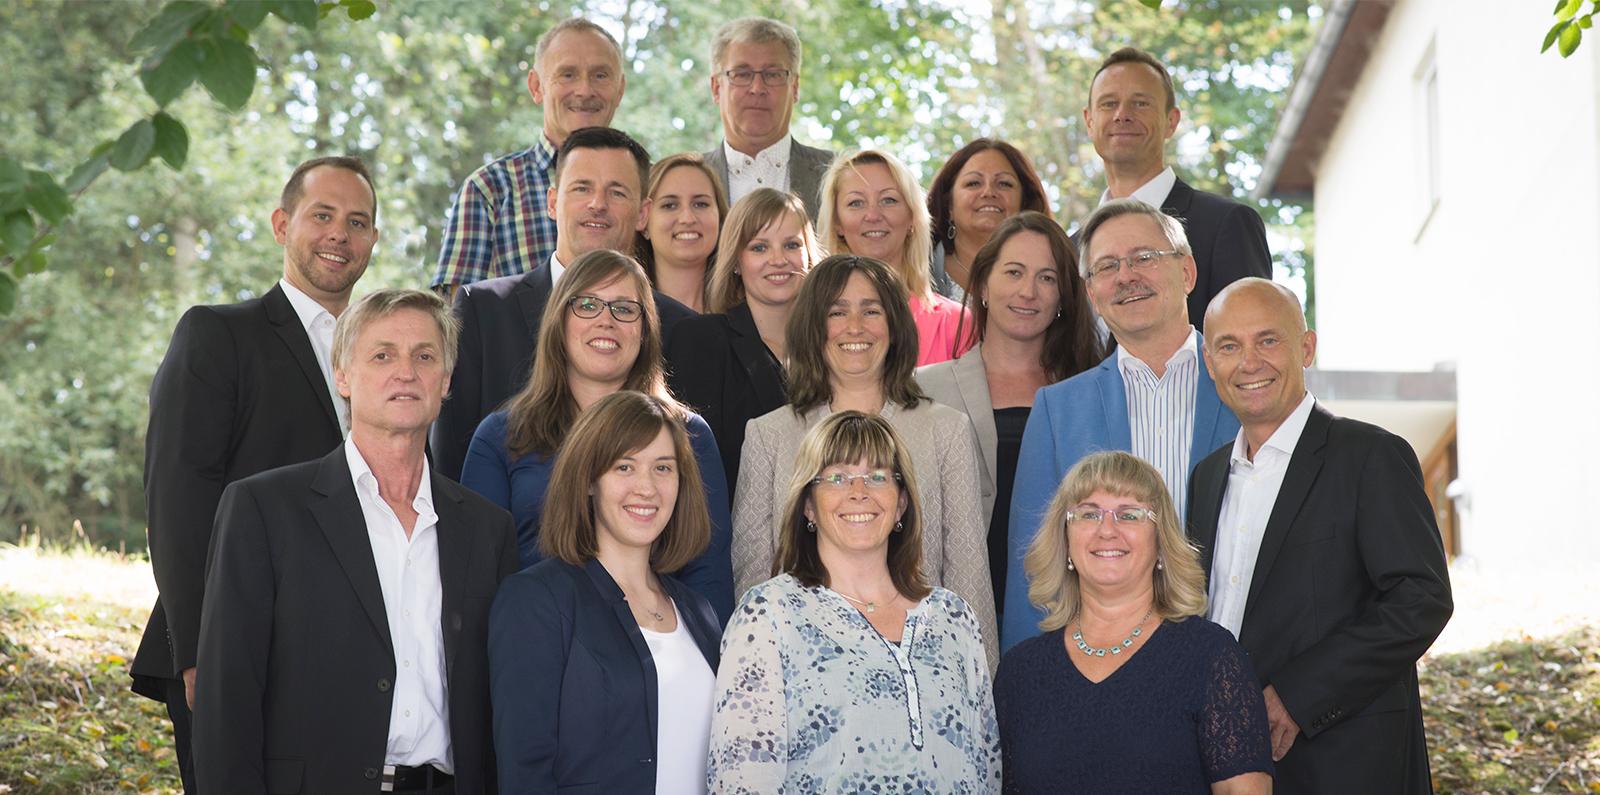 Gruppenfoto Mitarbeiter der Kondrauer Mineral- und Heilbrunnen GmbH & Co. KG